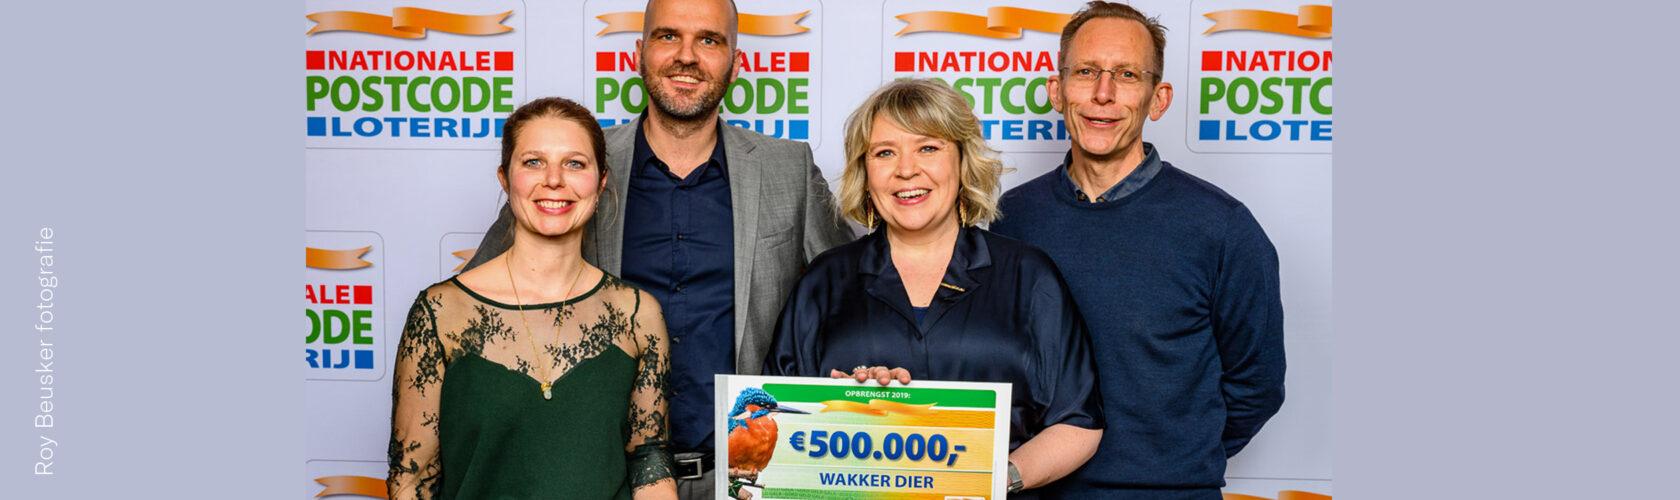 beeld cheque Postcode Loterij